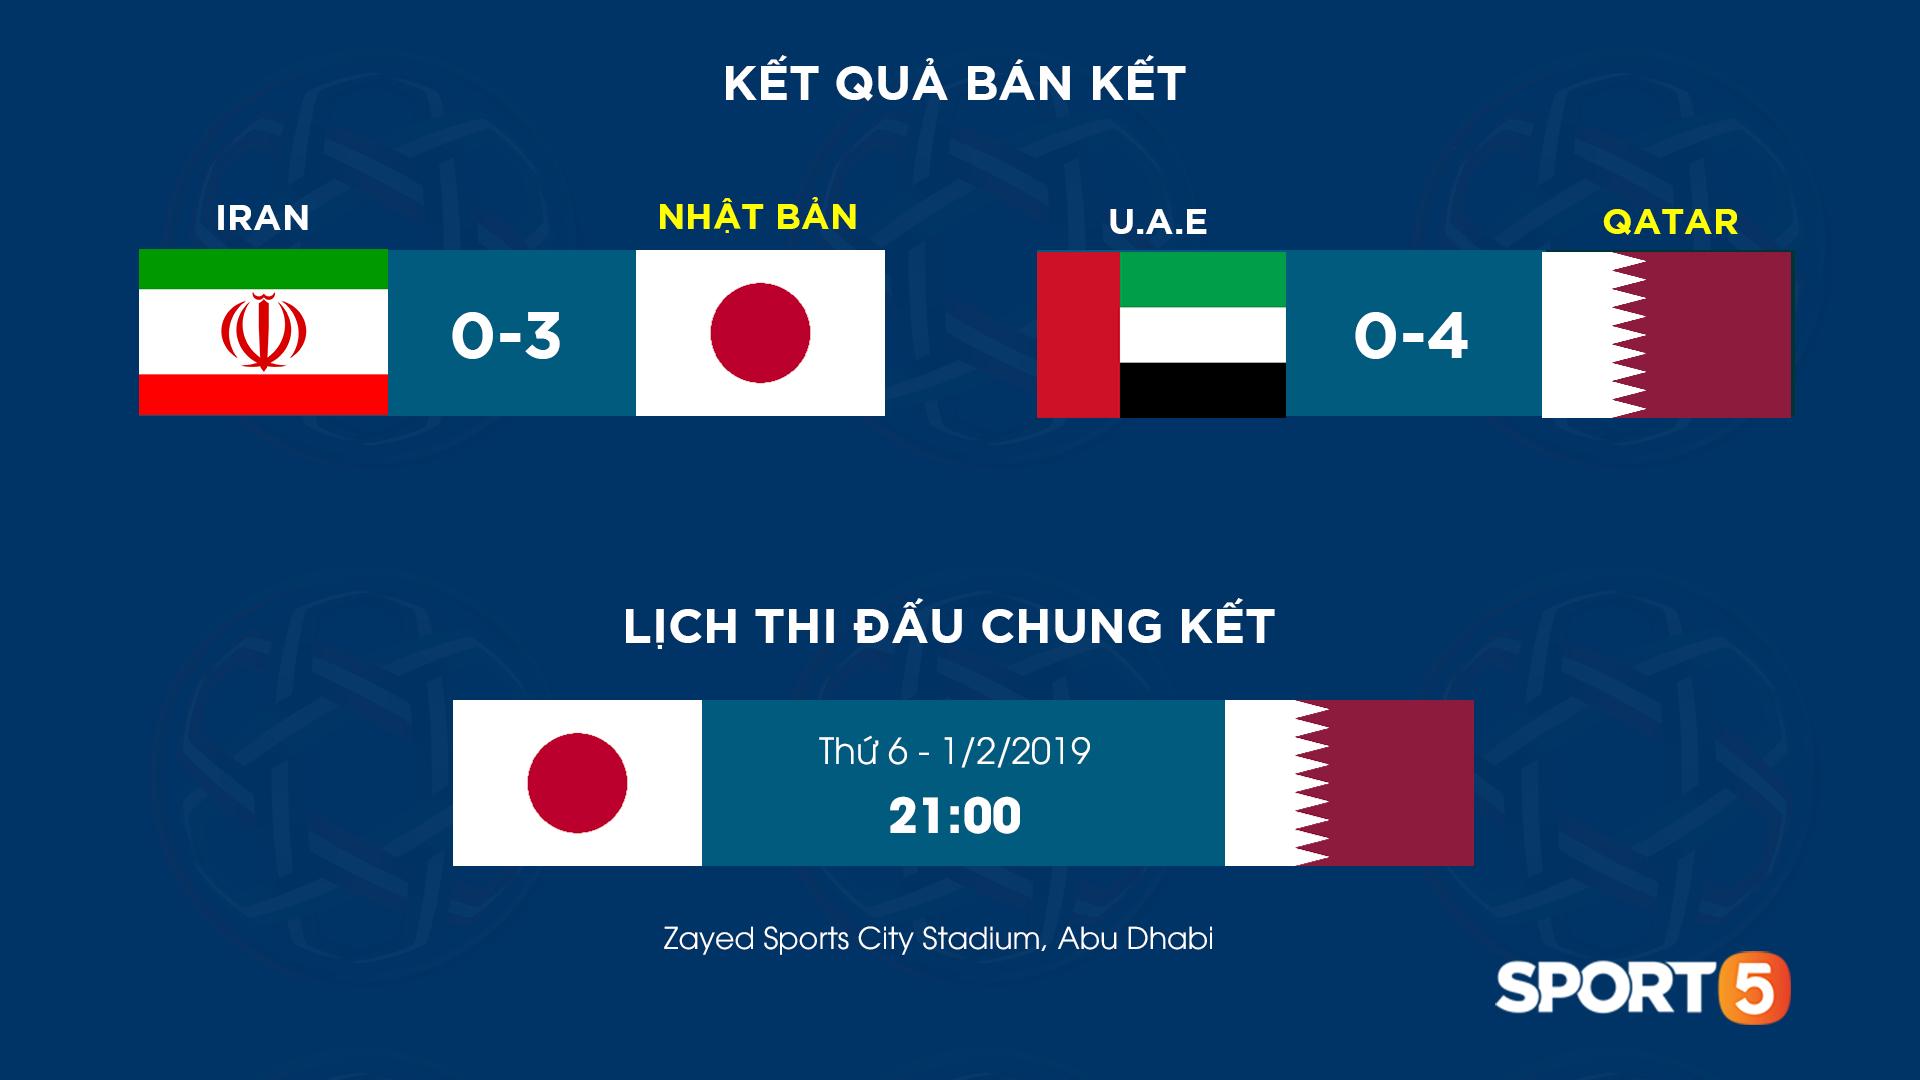 Thua mất mặt, UAE quay sang gửi đơn kiện Qatar dùng cầu thủ trái phép-2